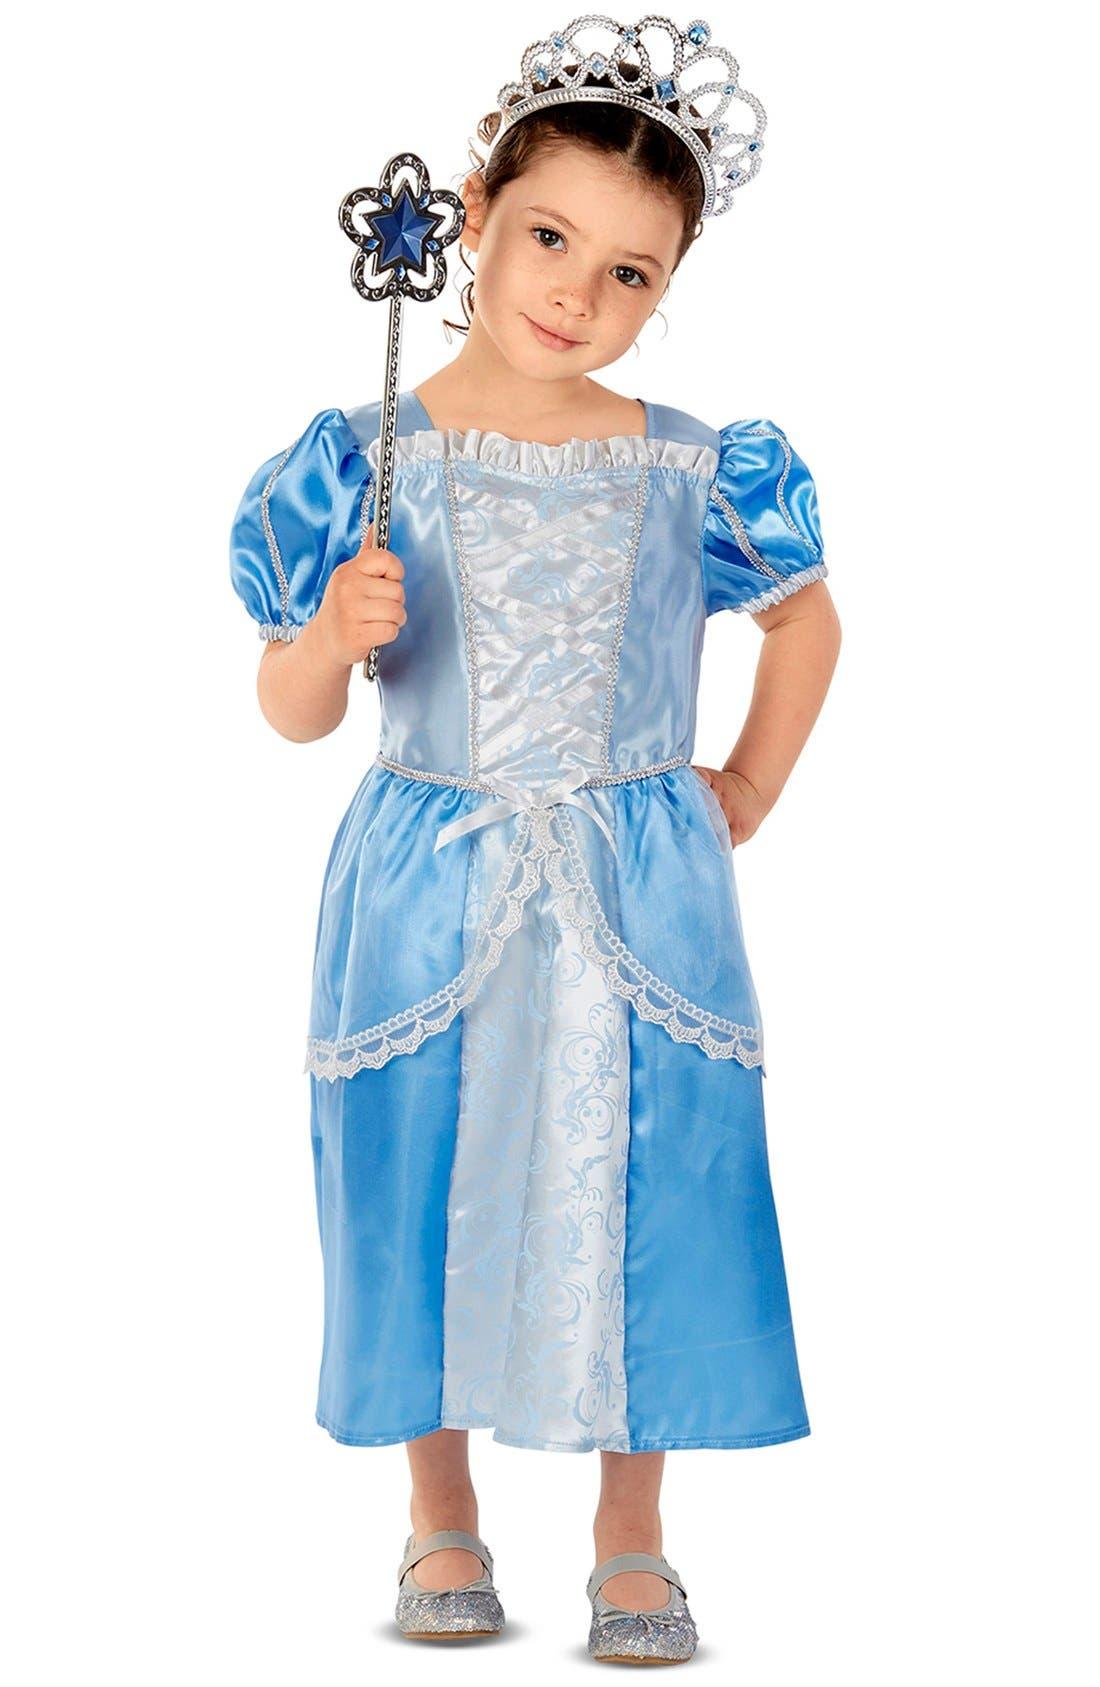 Main Image - Melissa & Doug Royal Princess Role Play Set